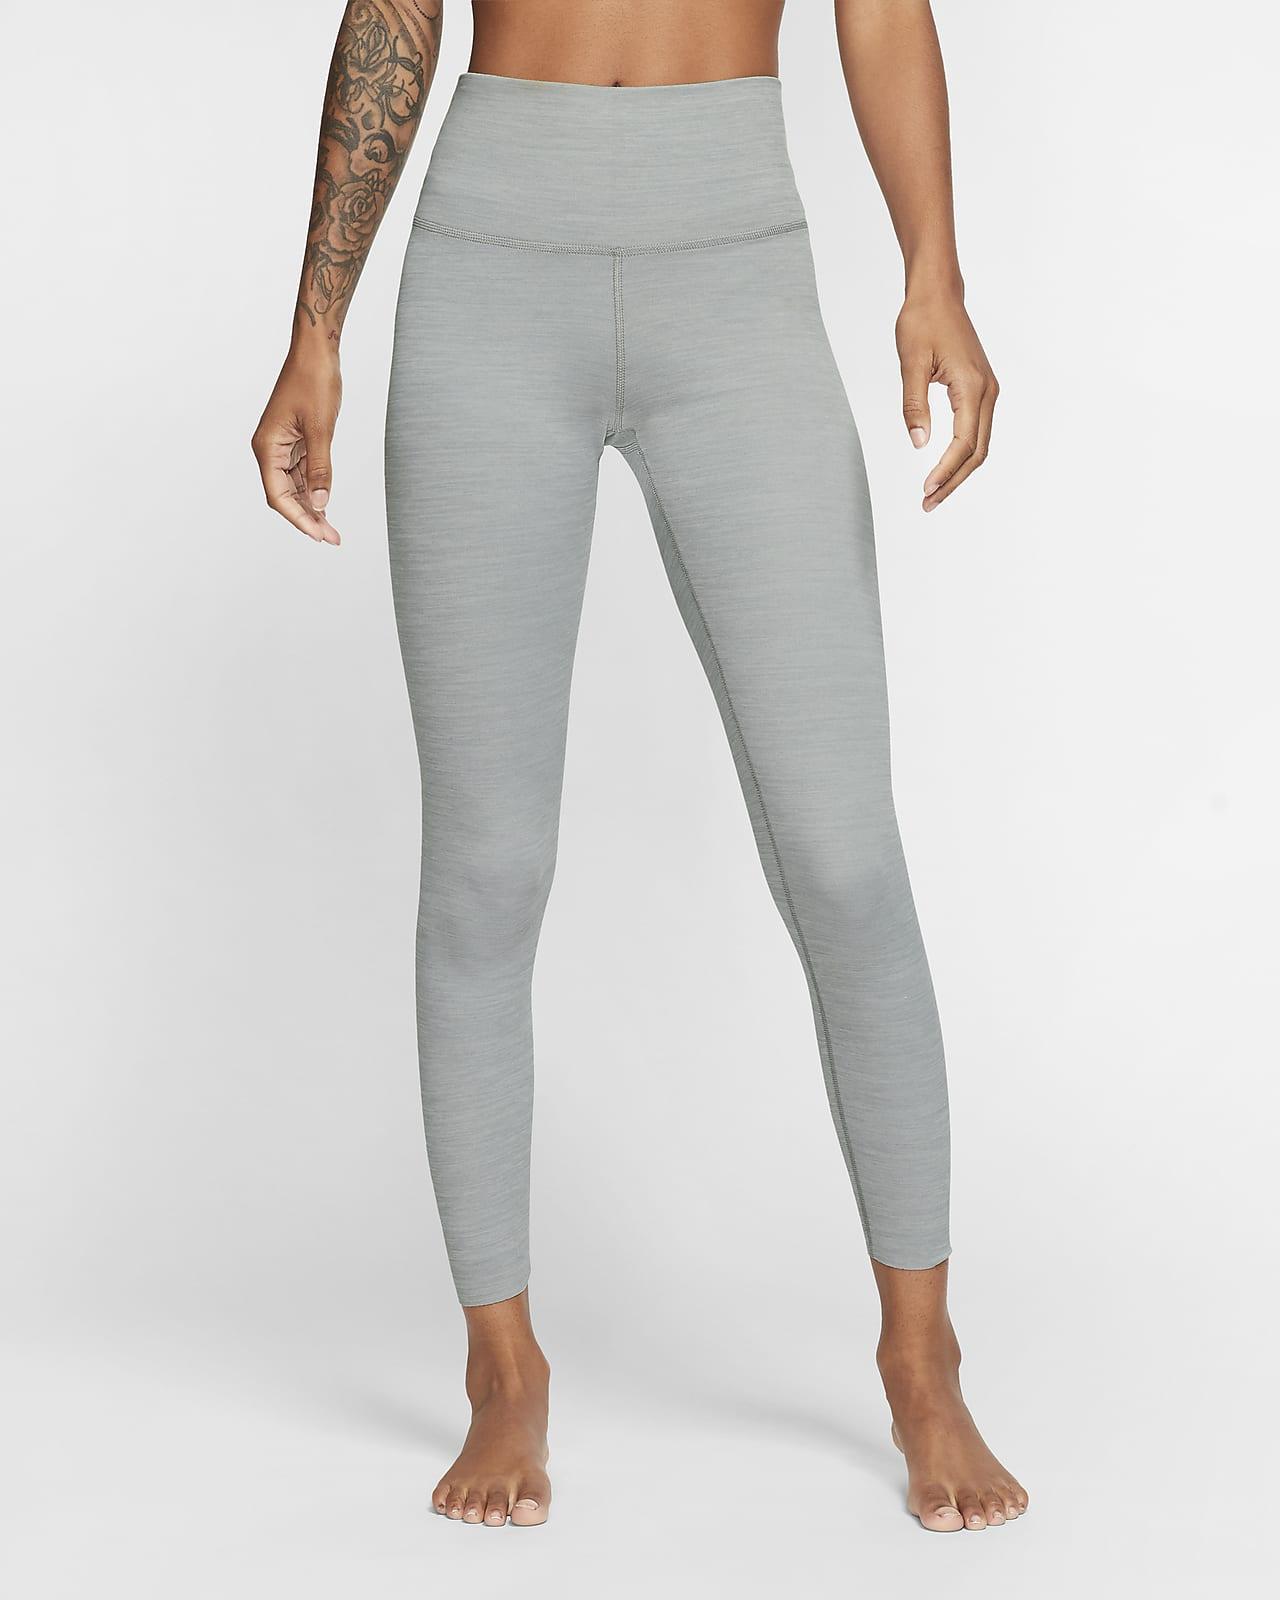 Женские слегка укороченные леггинсы из ткани Infinalon с высокой посадкой Nike Yoga Luxe